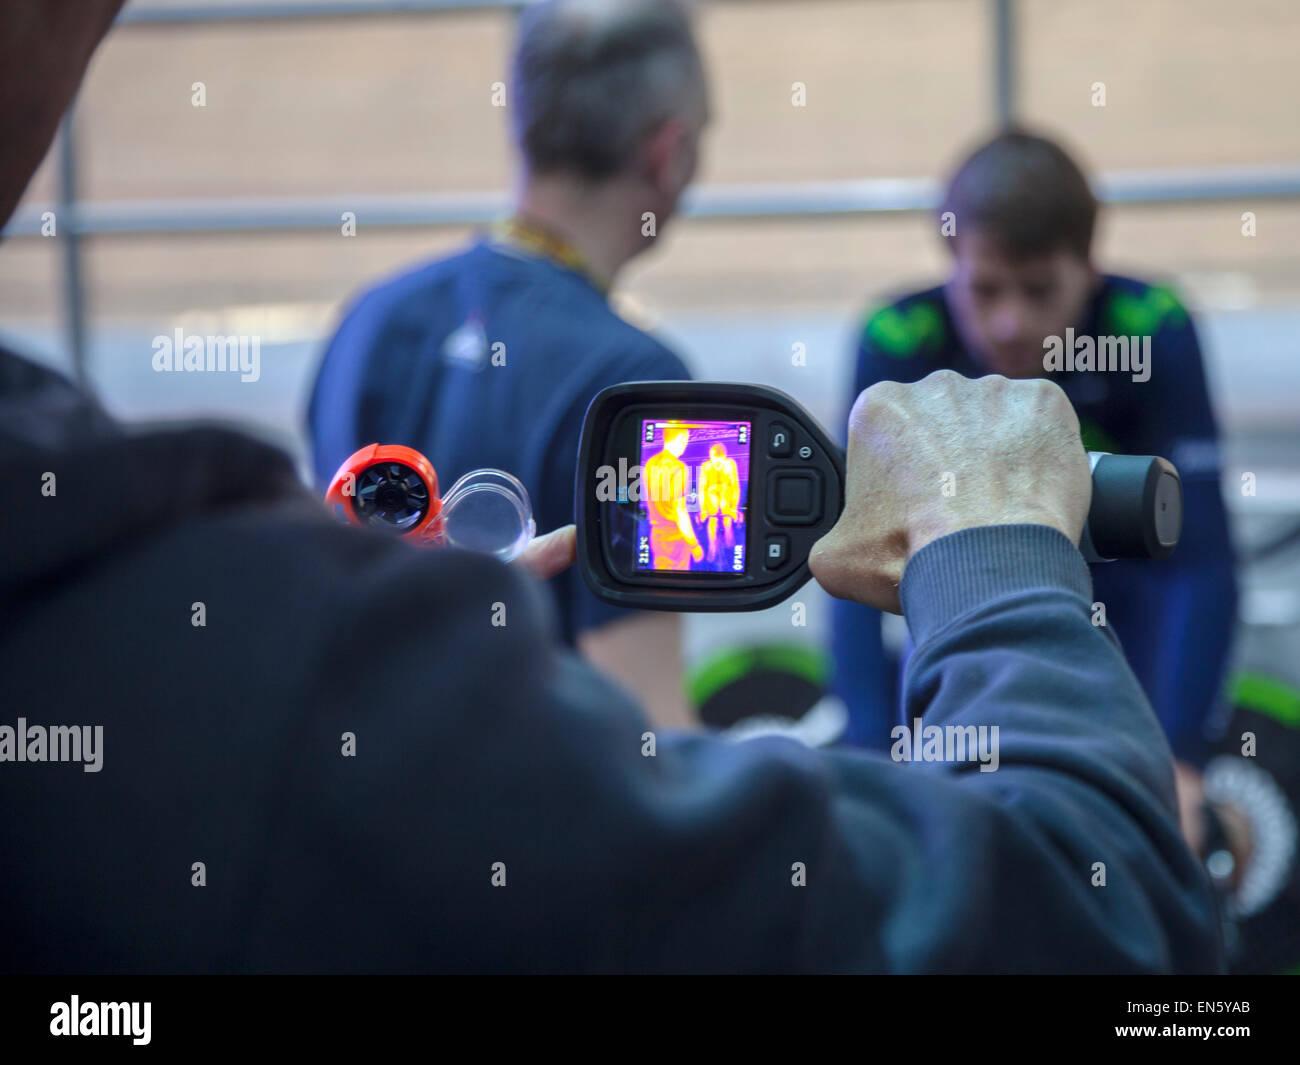 Manchester Velodrome, UK. 28. April 2015. Alex Dowsett Team Movistar Durchführung von Tests mit Infrarot-Bildgebung Stockbild